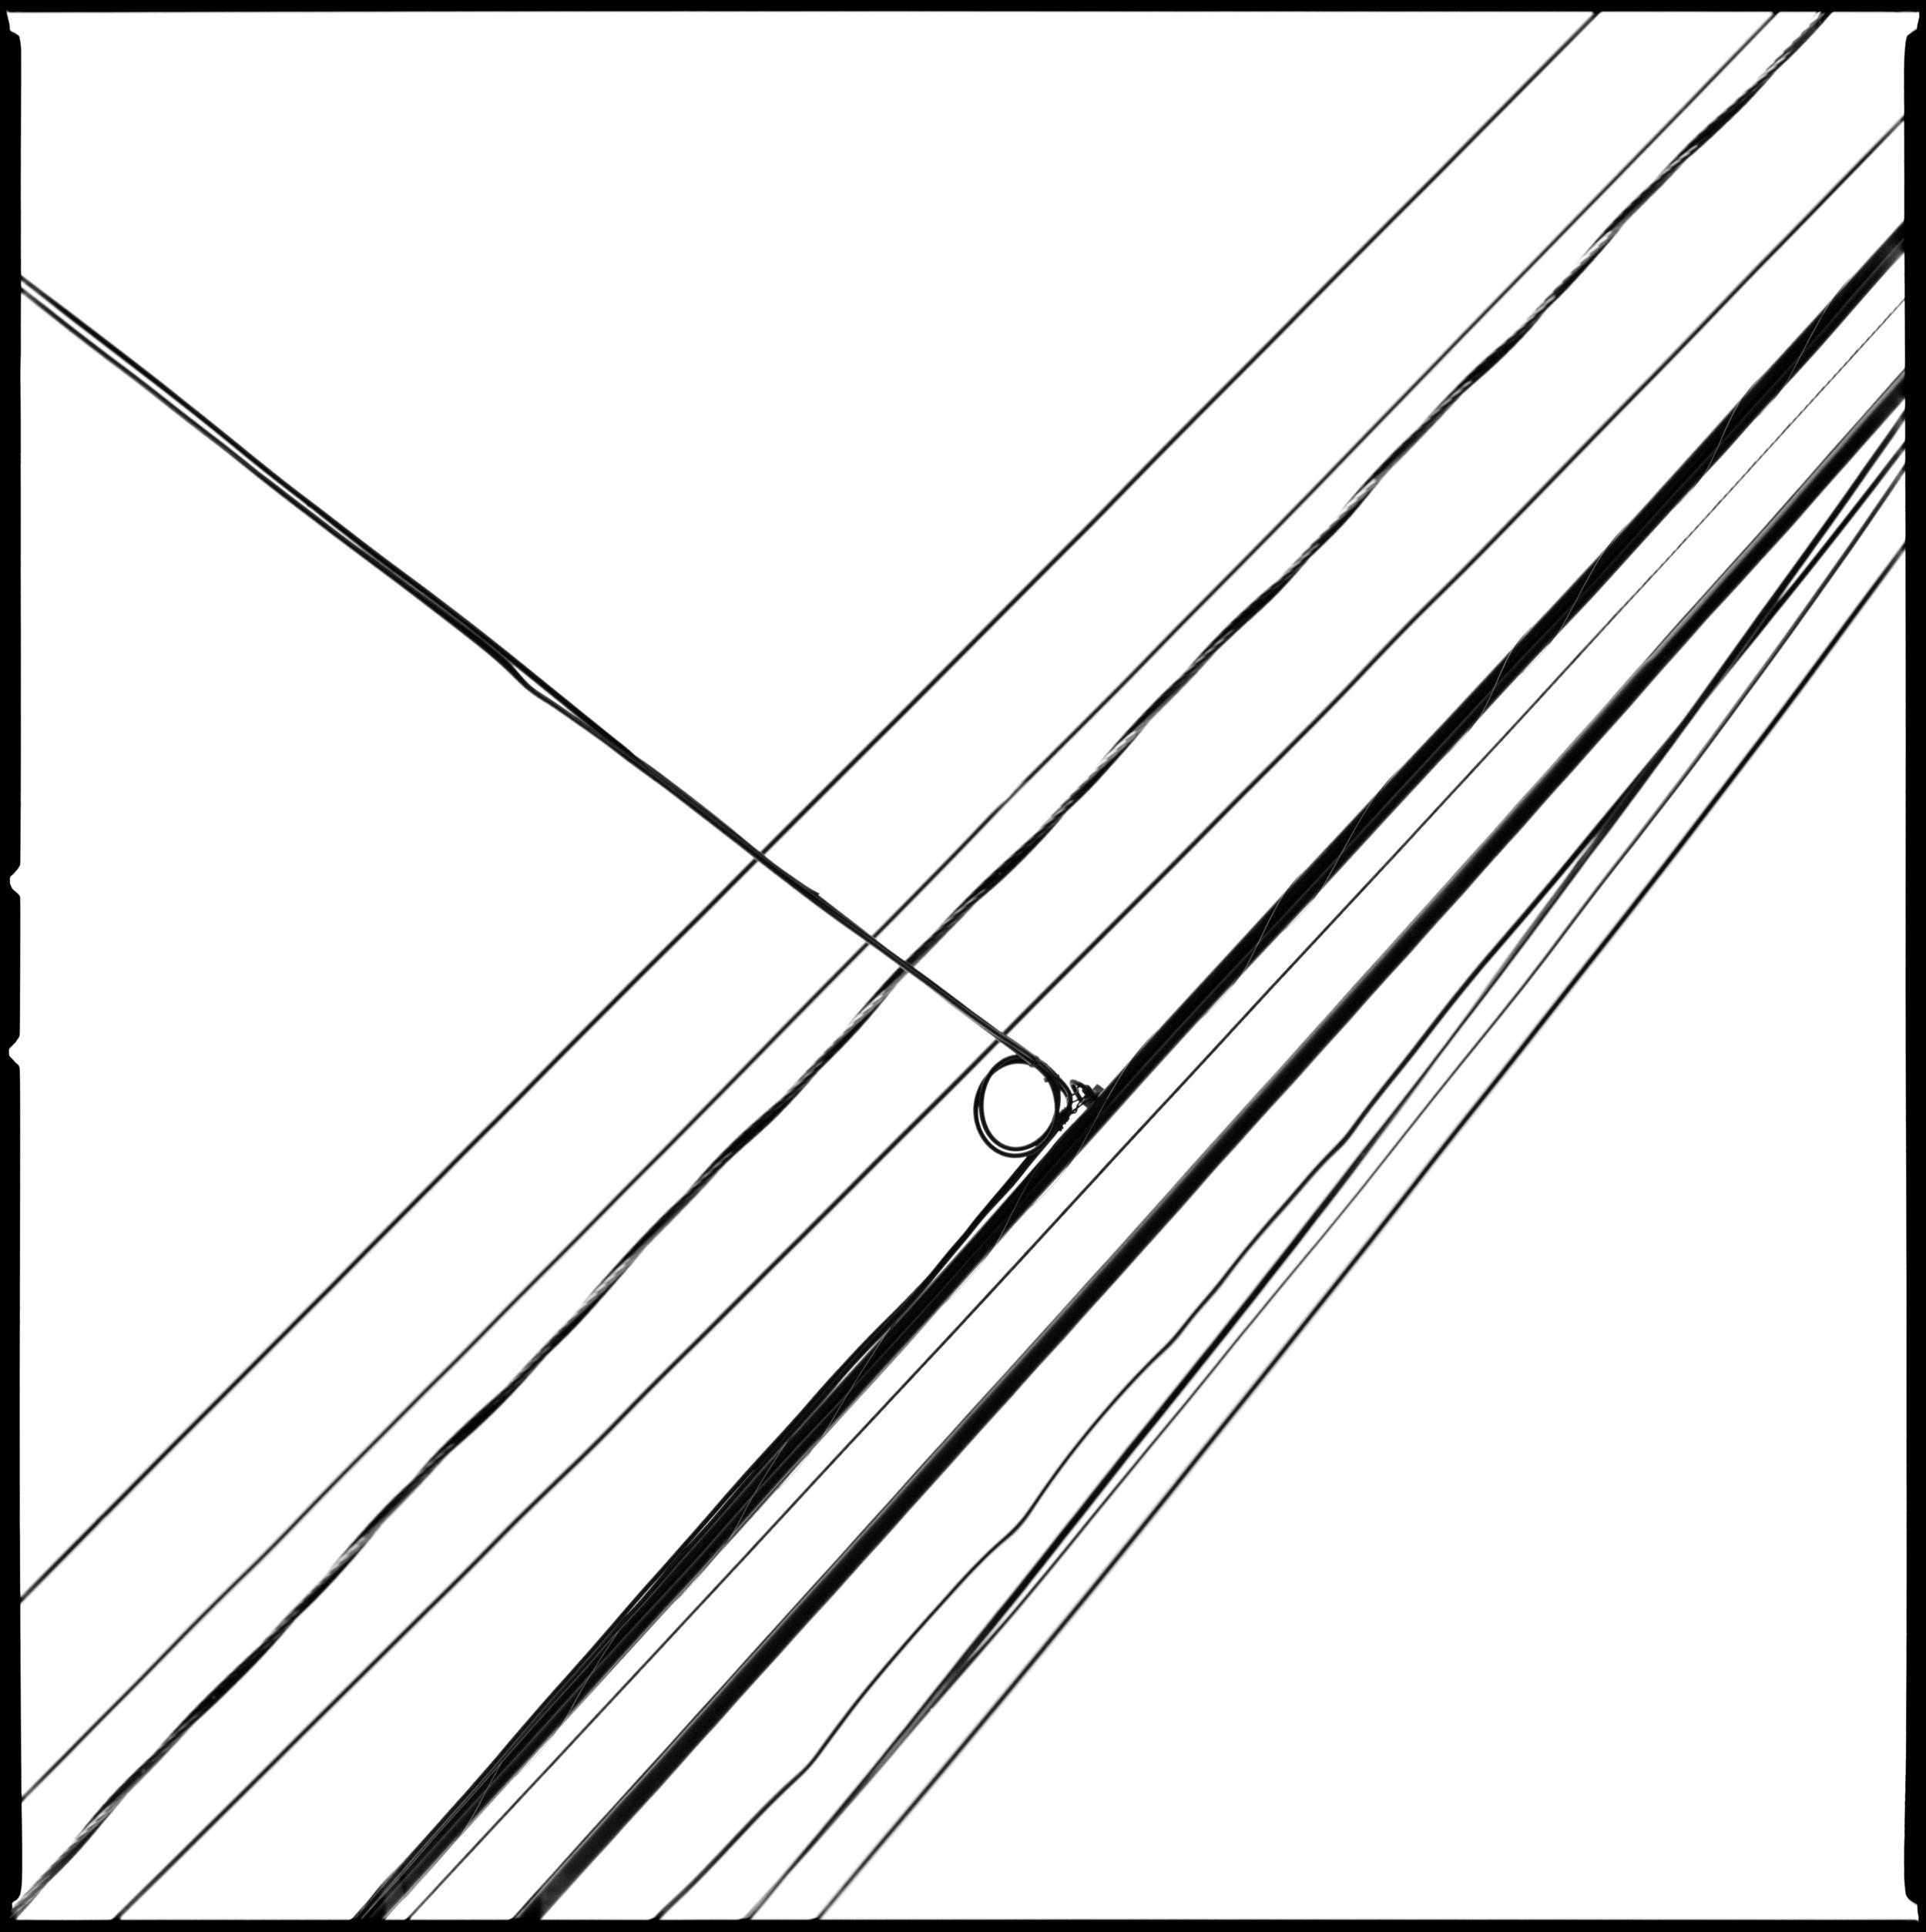 Wire Sketch #7